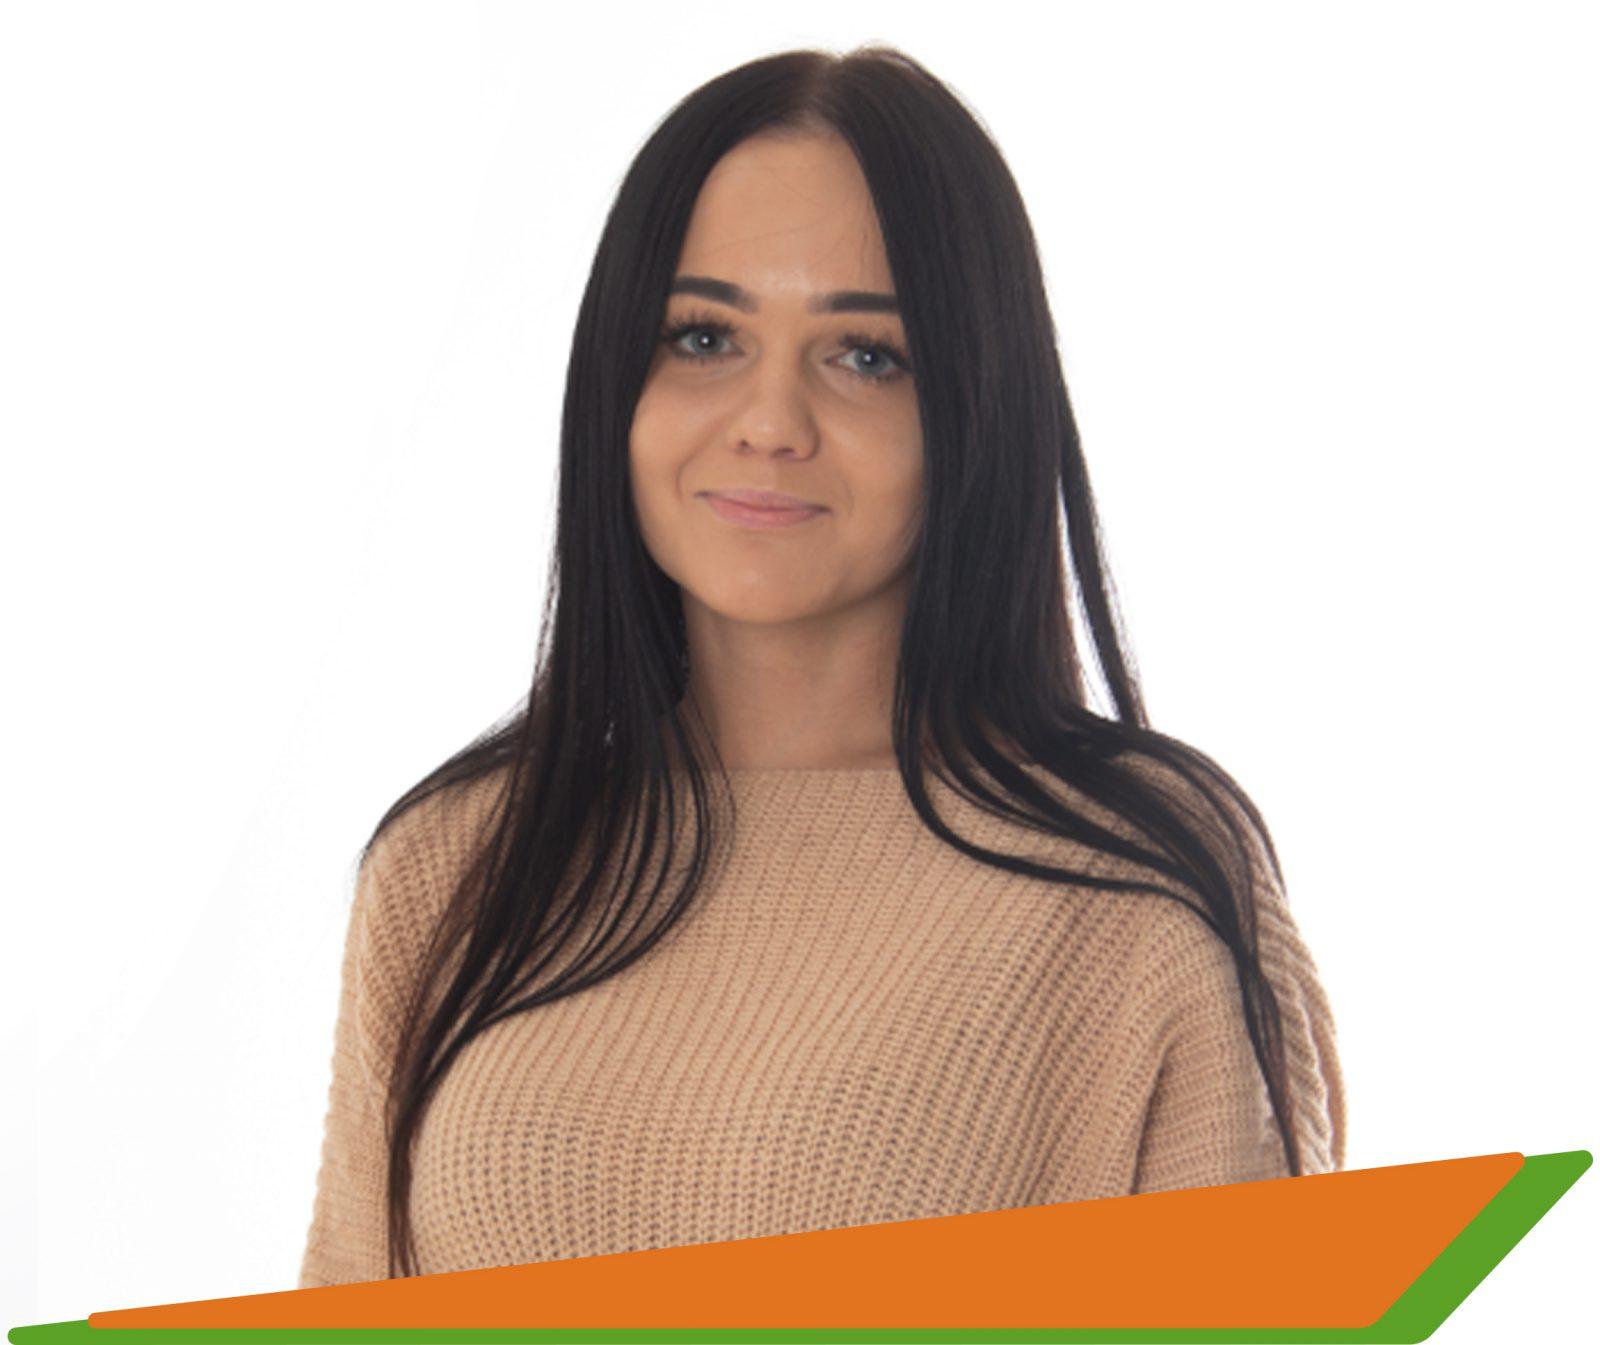 Кубарева Наталия Александровна - - преподаватель английского языка